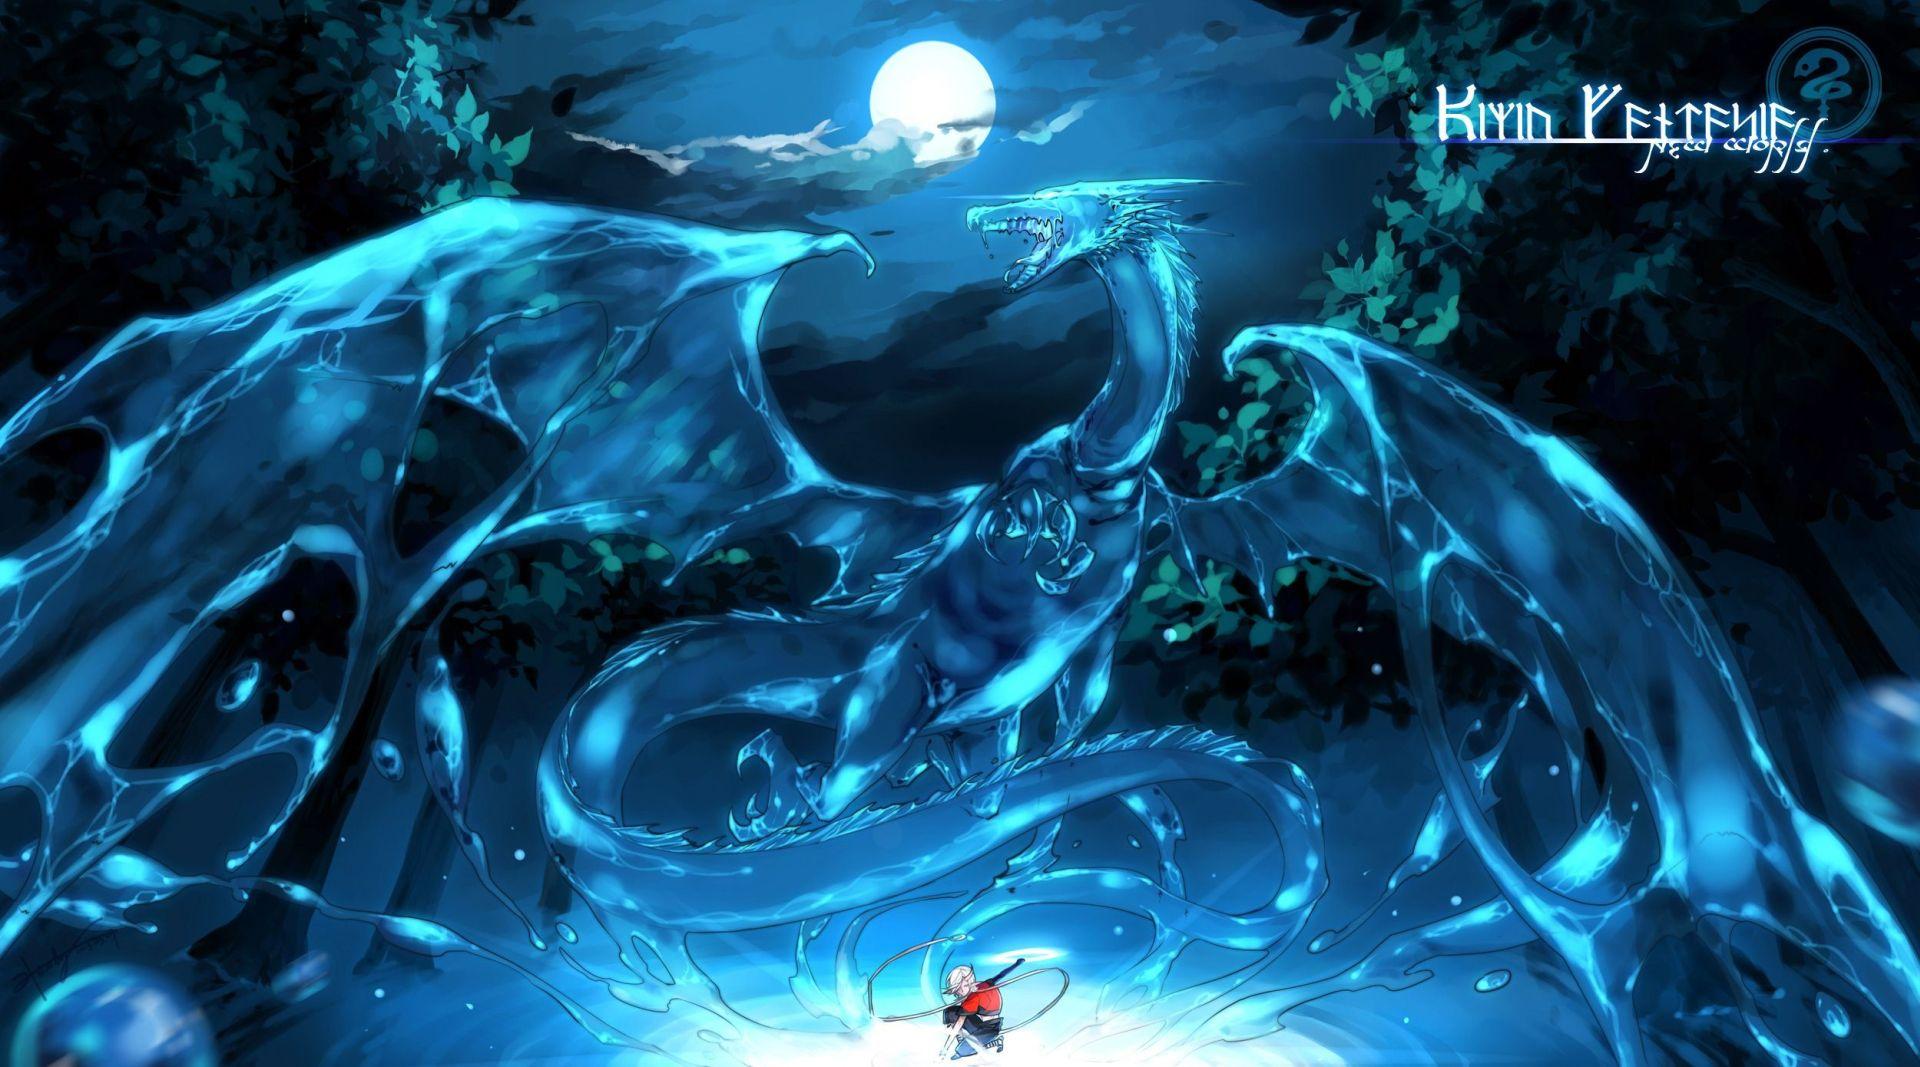 wallpaper blue dragon